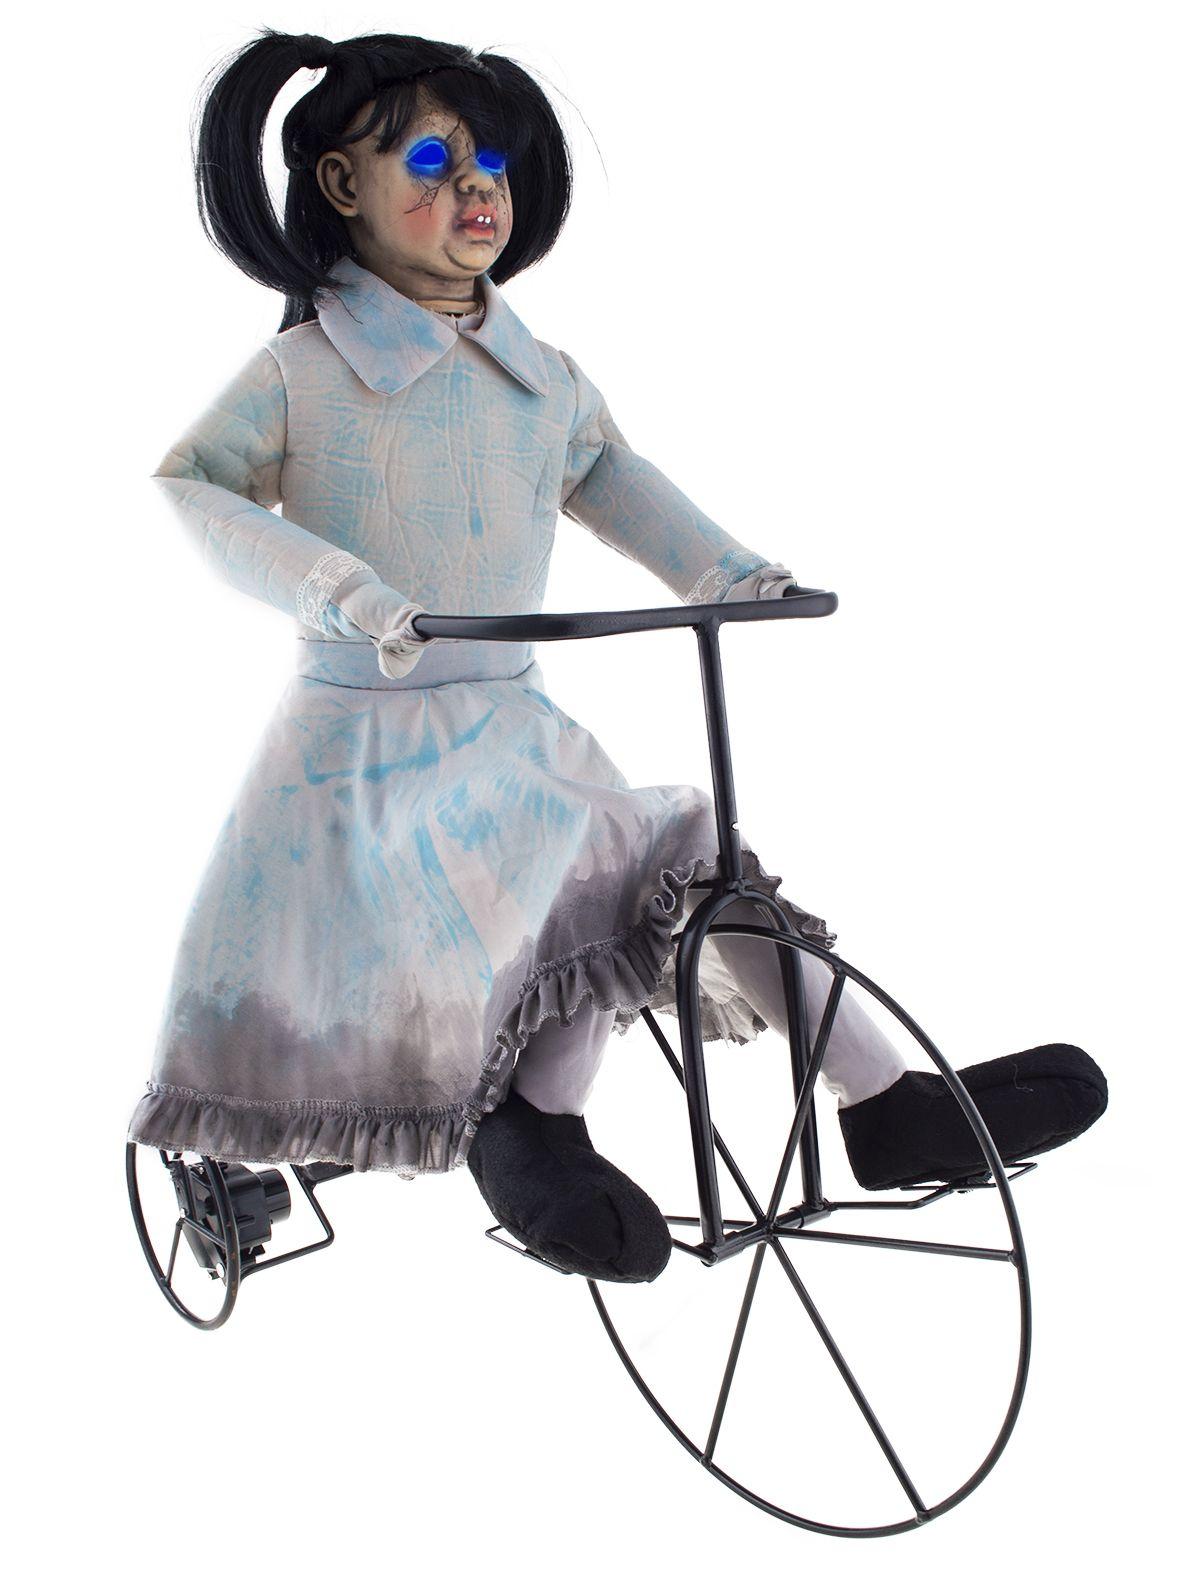 Gruselmädchen auf Fahrrad mit Licht, Sound und Bewegung